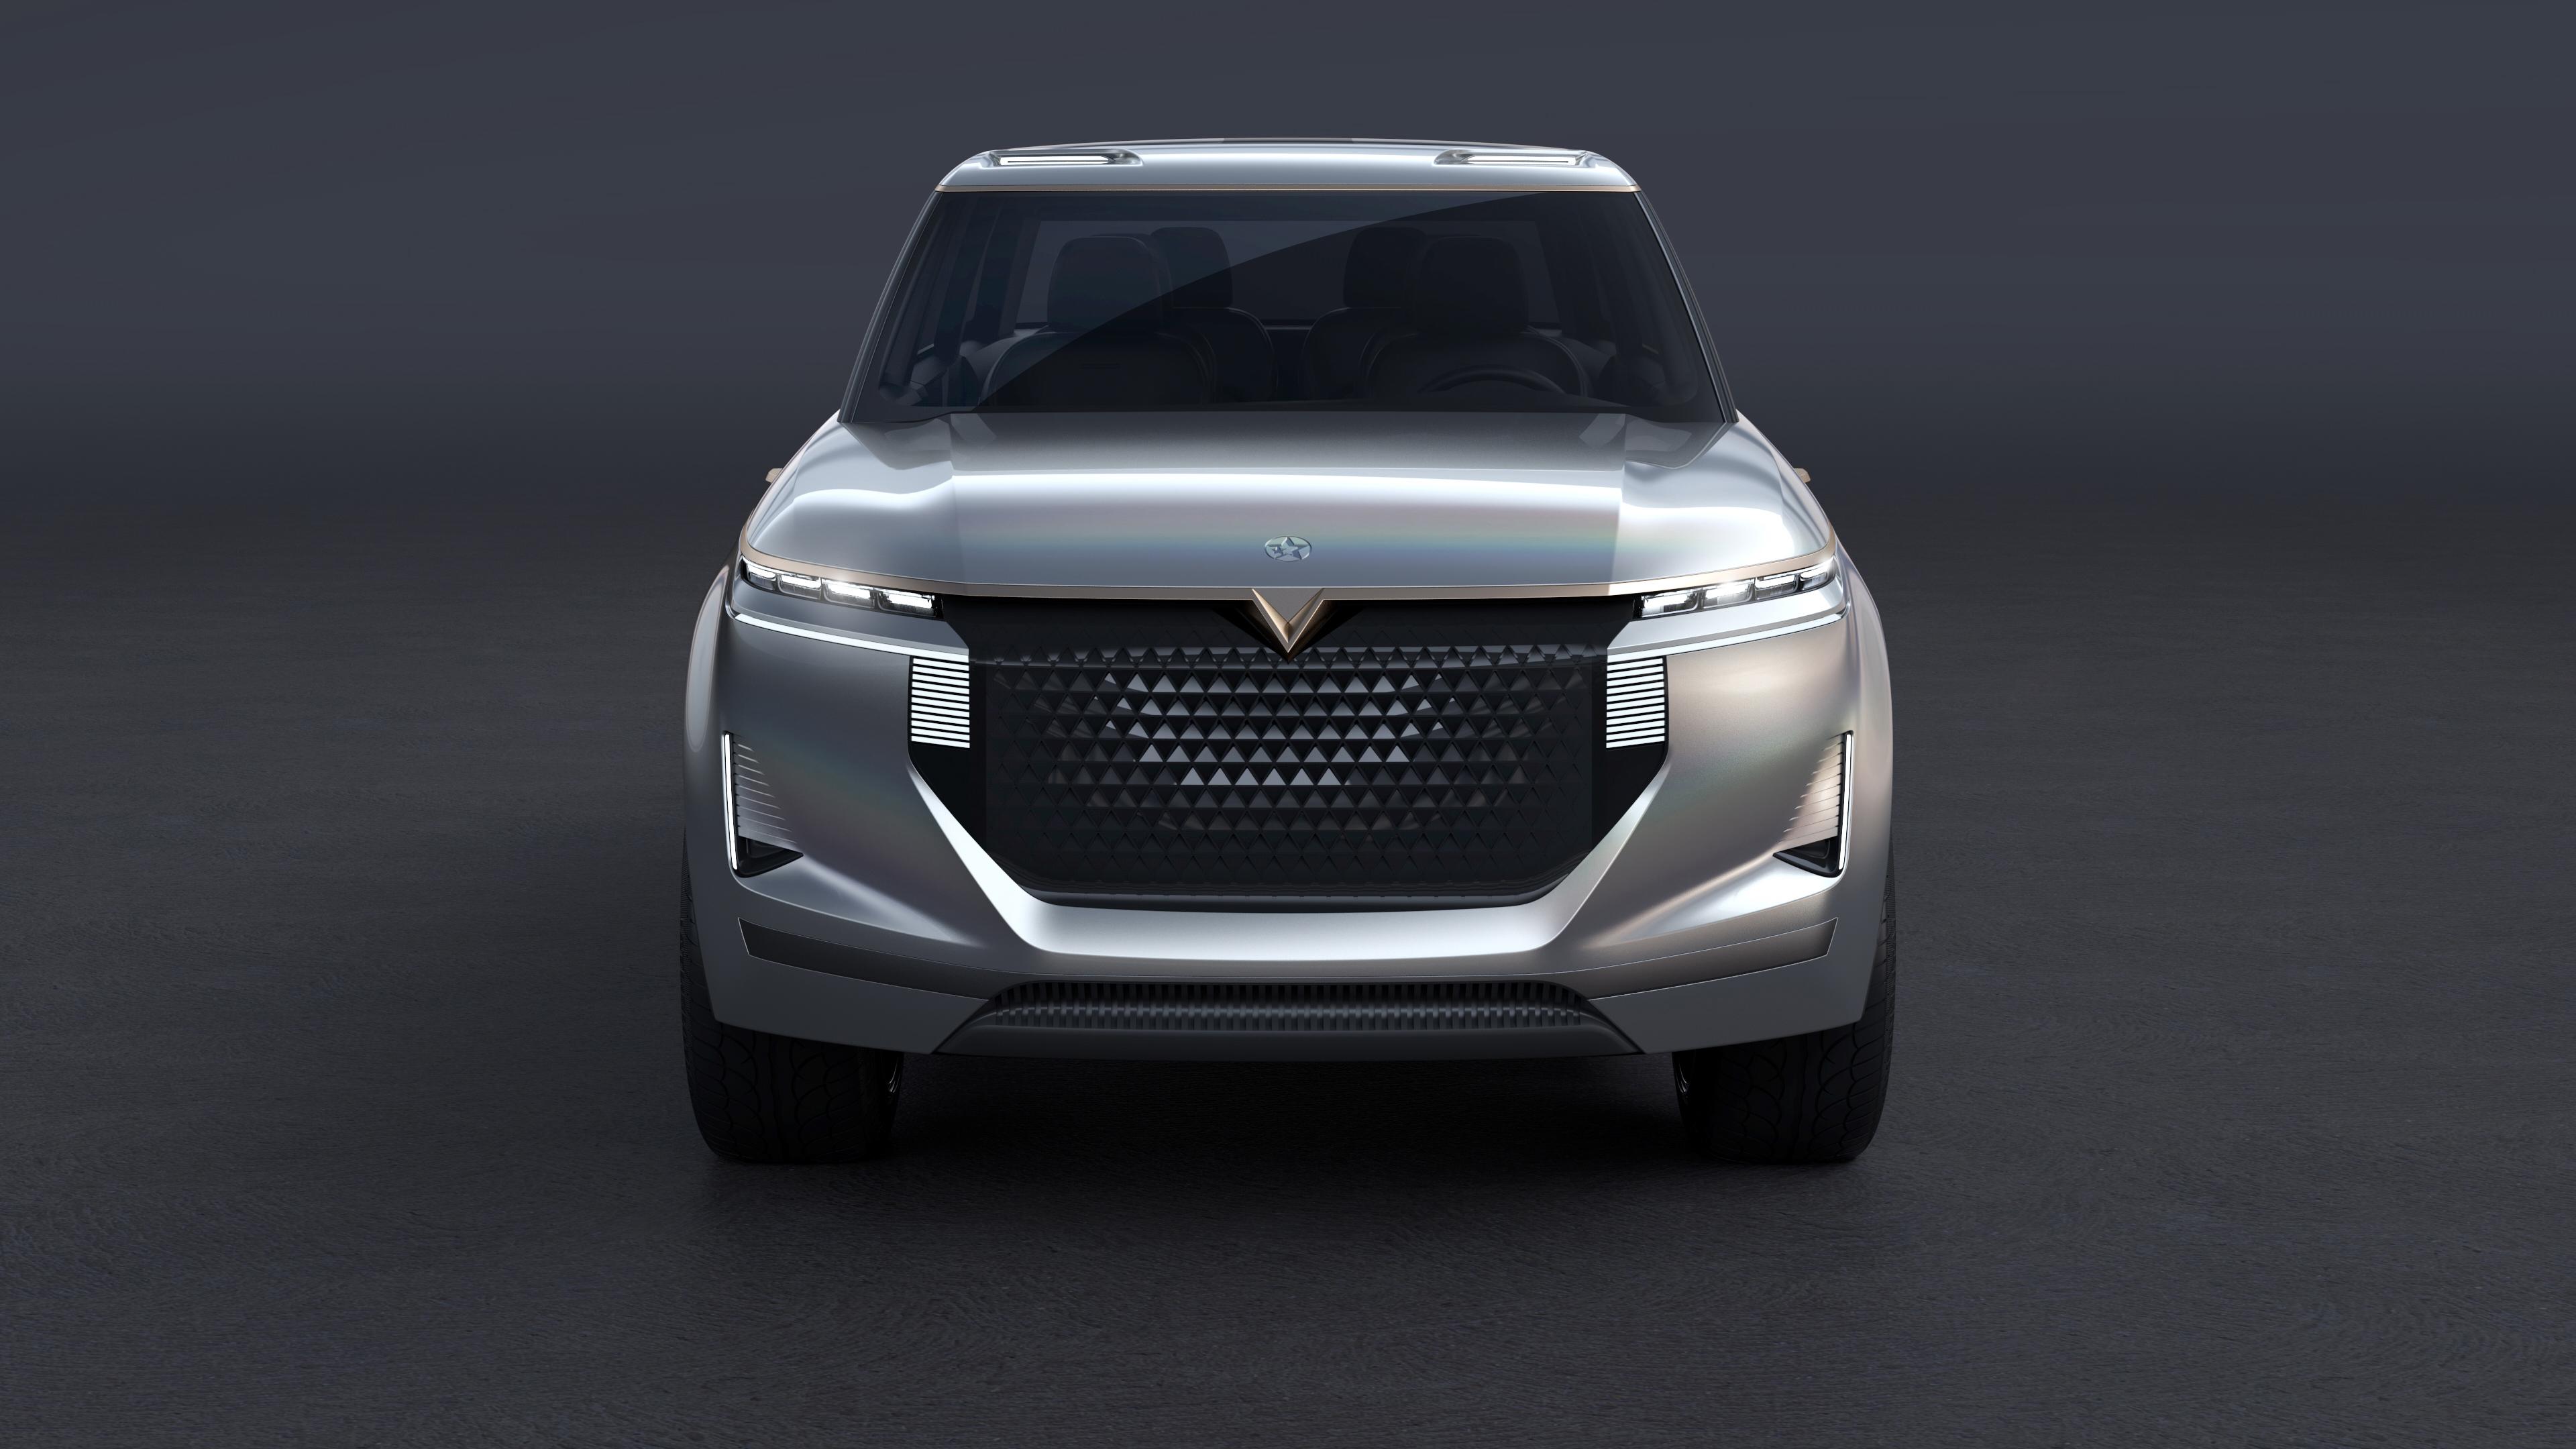 2018 Venucia The X Concept 4k 2 Wallpaper Hd Car